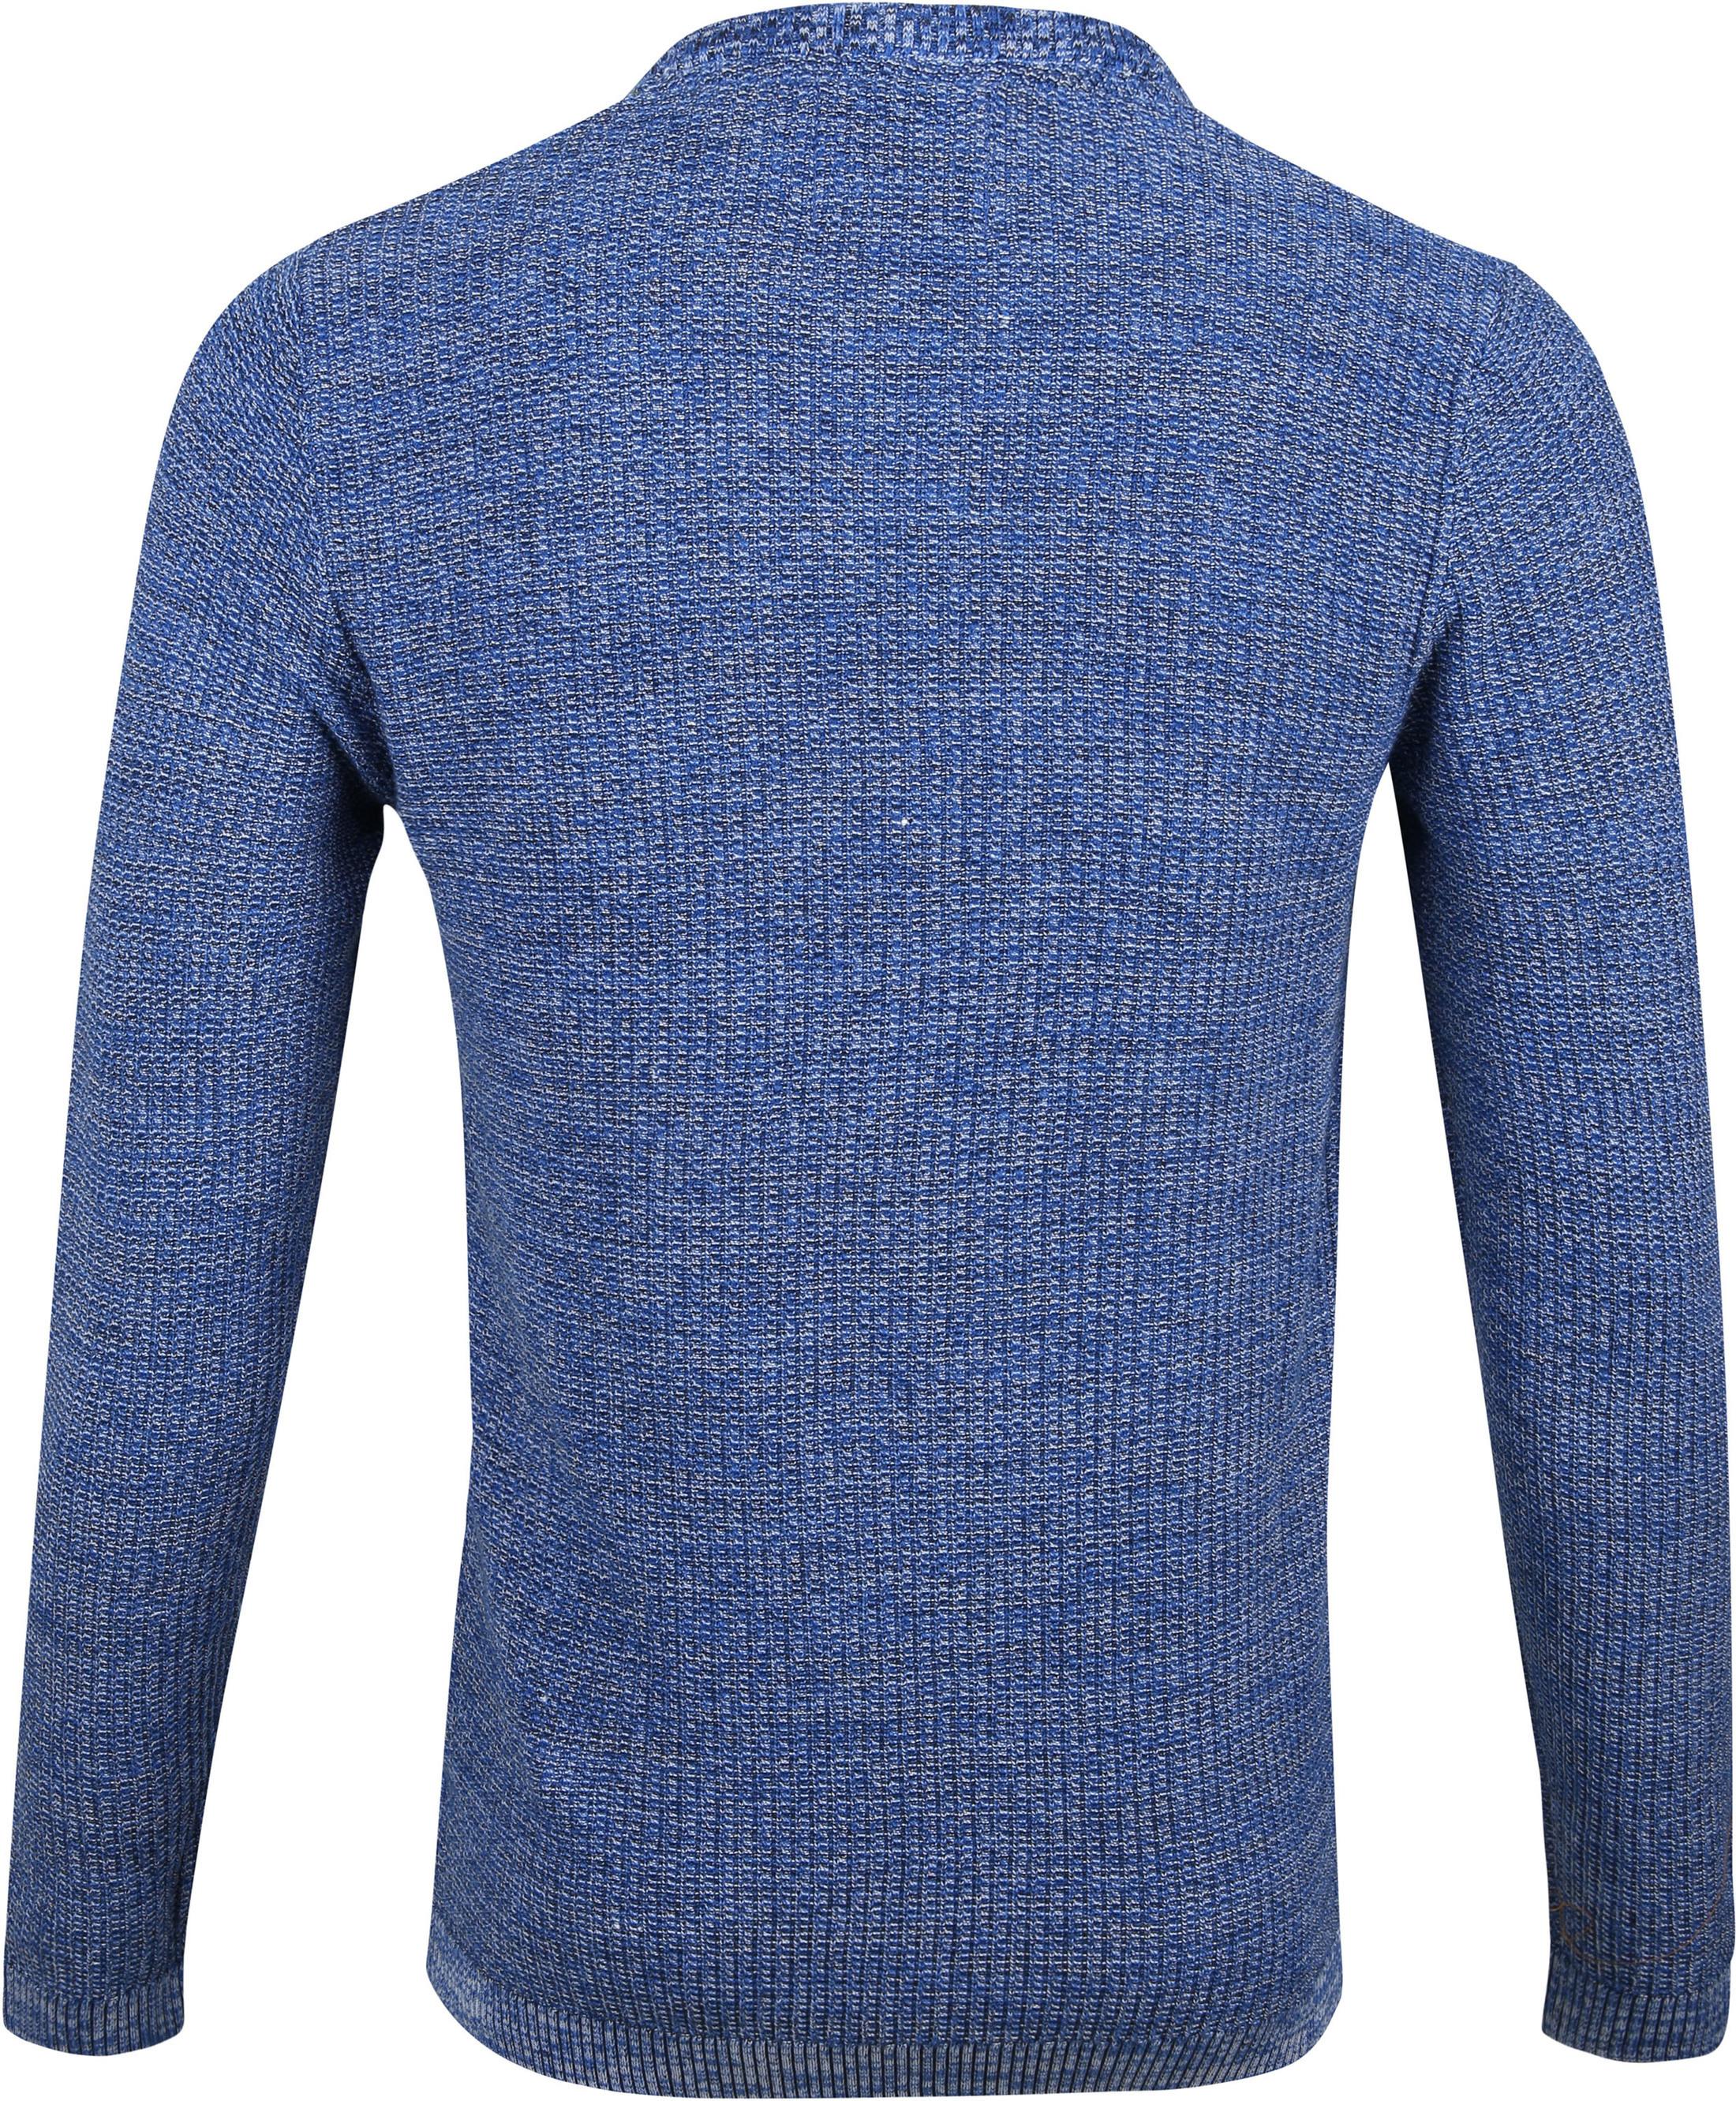 No-Excess Pullover Mischen Blau Foto 3